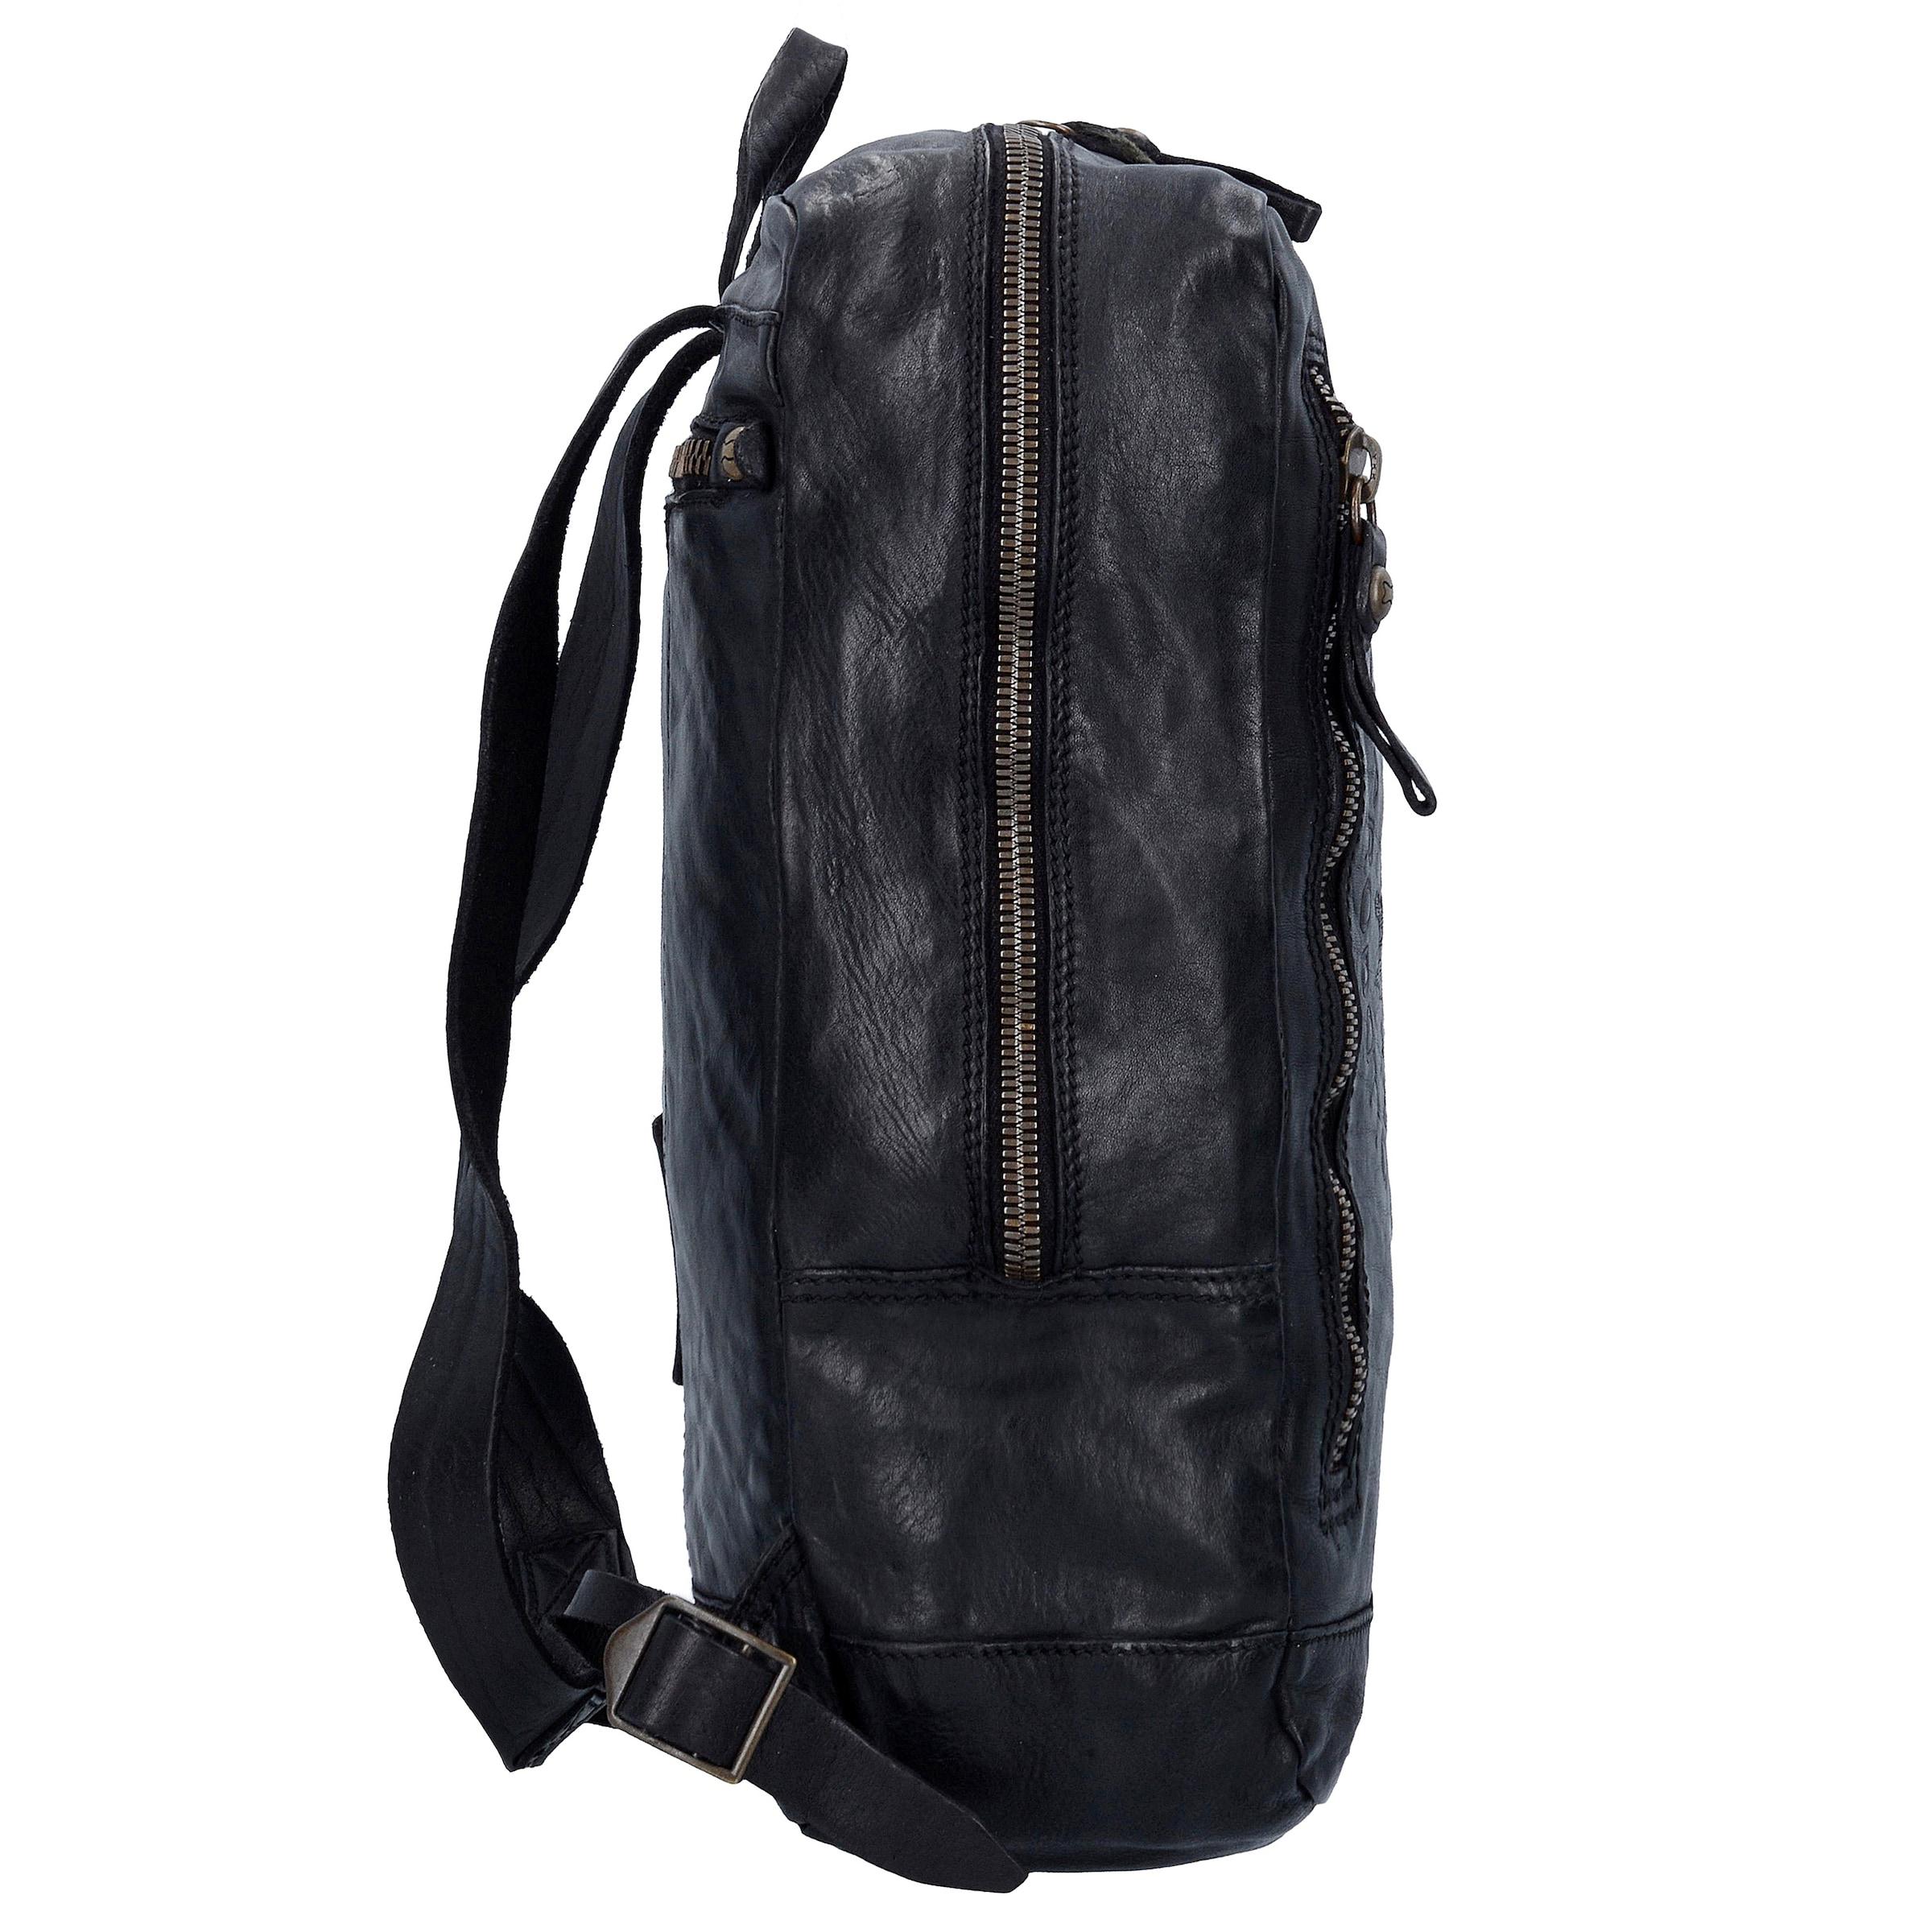 Campomaggi Traditional City Rucksack aus Leder 35 cm Billig Verkauf Exklusiv Rabatt Wirklich z3uz32G